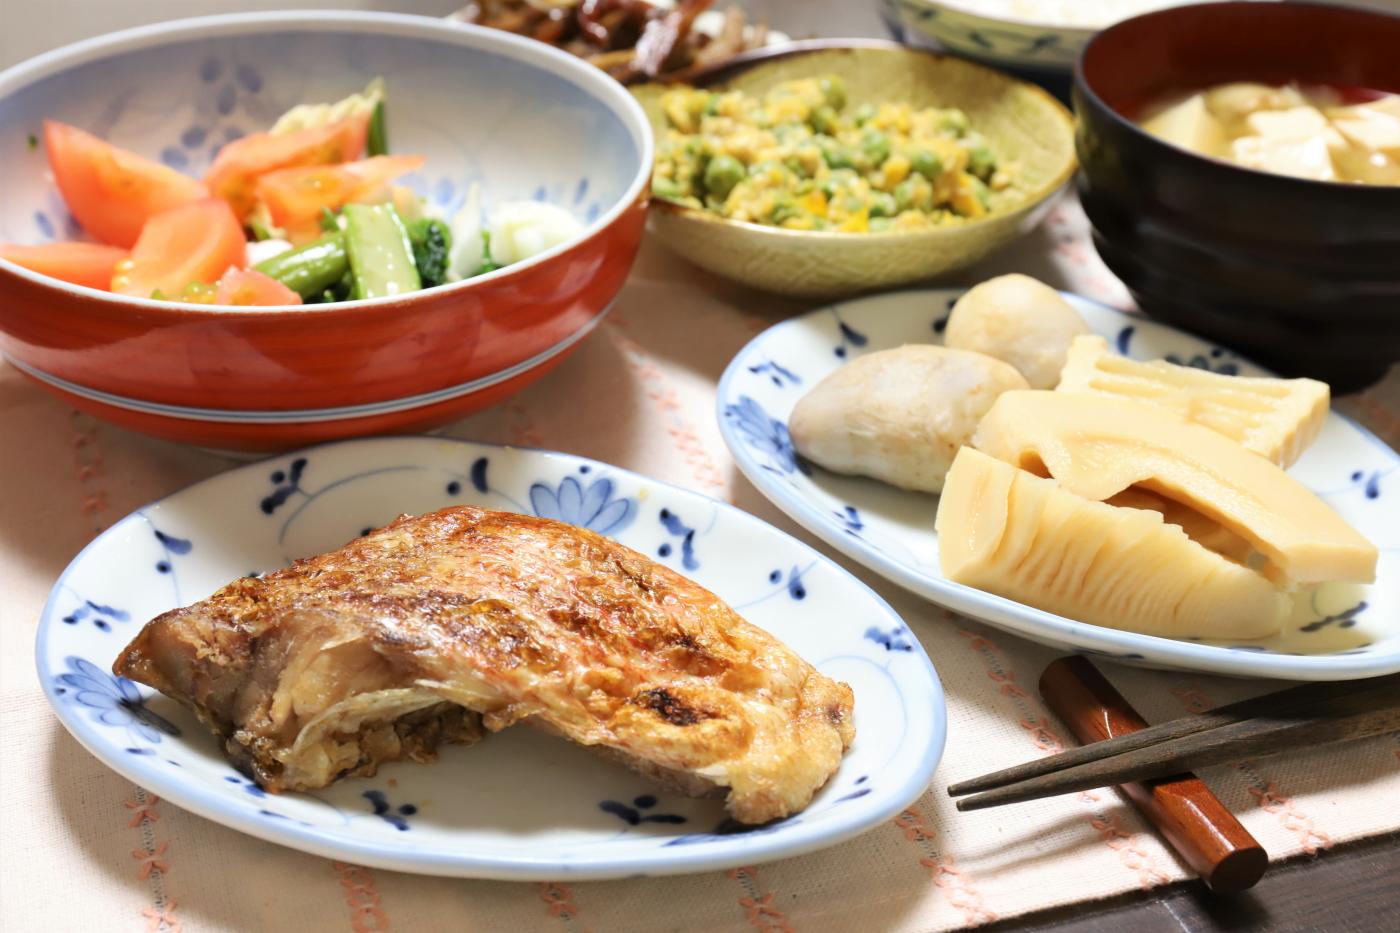 焼いた赤魚やタケノコの煮物など、祖母(おばあ)が作った晩ごはんのメニュー